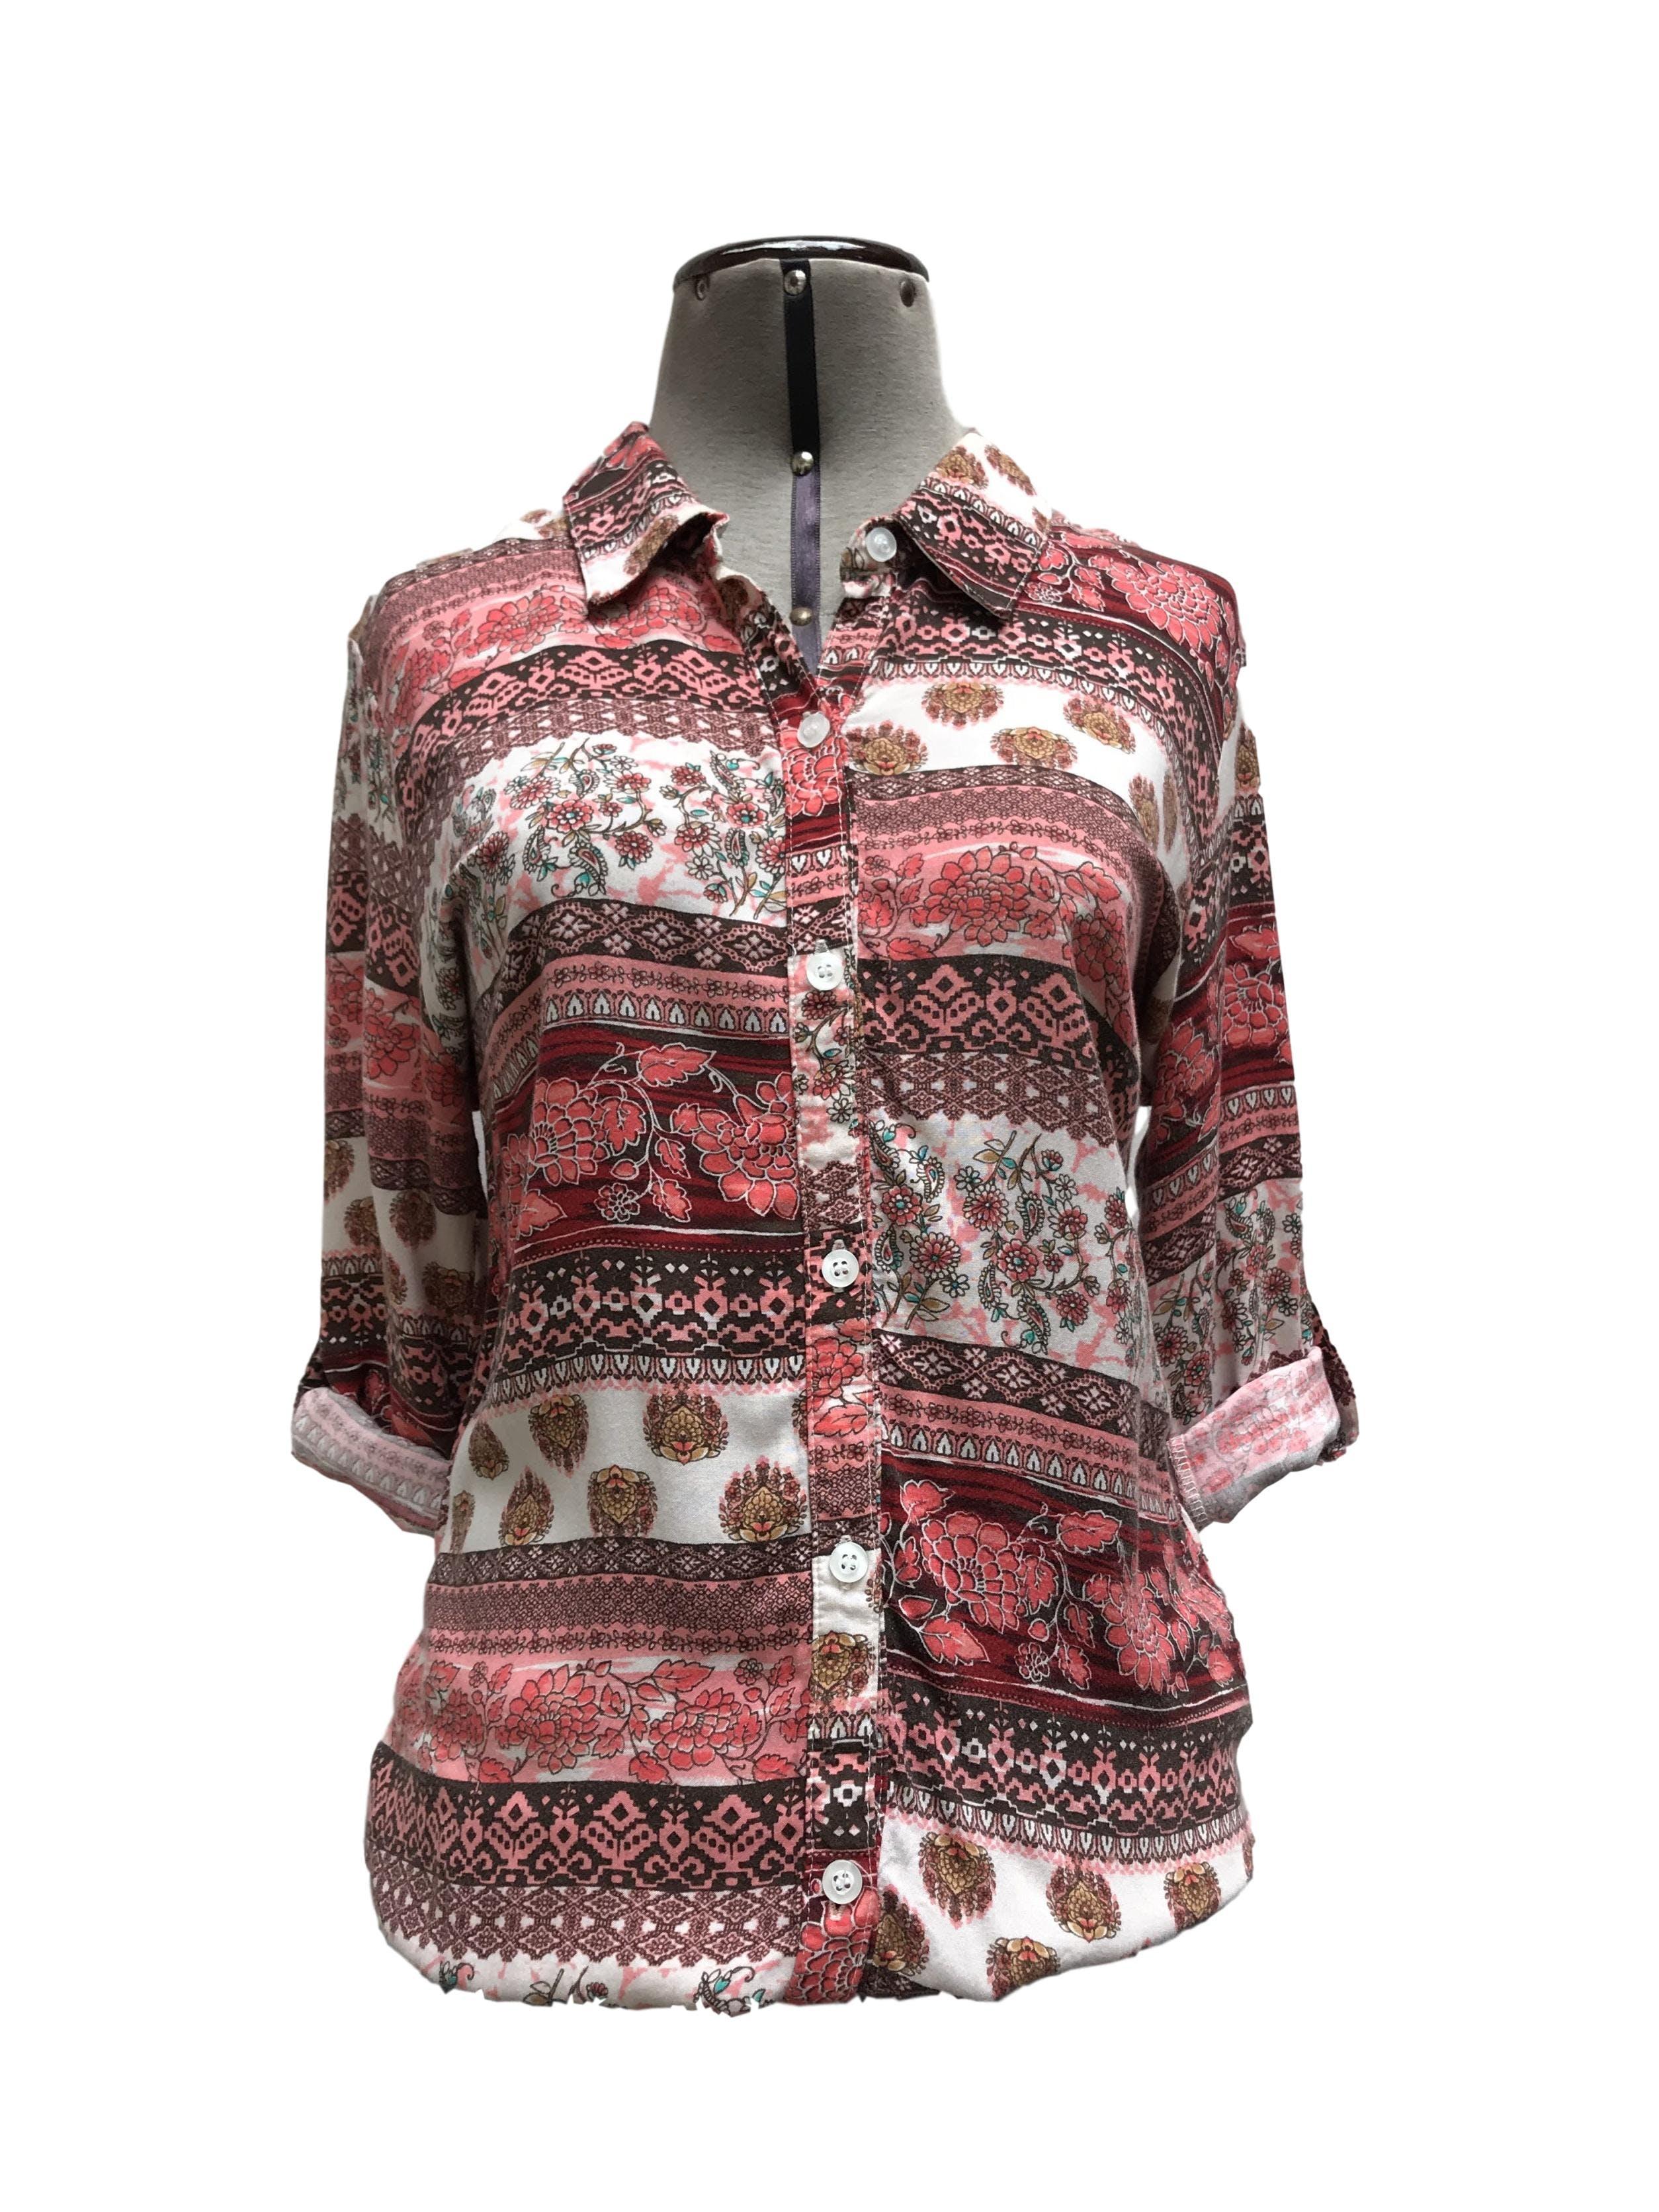 Blusa con estampado tribal en tonos coral, marrón y blanco, cuello camisero, fila de botones y elástico en las basta, manga regulable con botón Talla S (puede ser M chico)